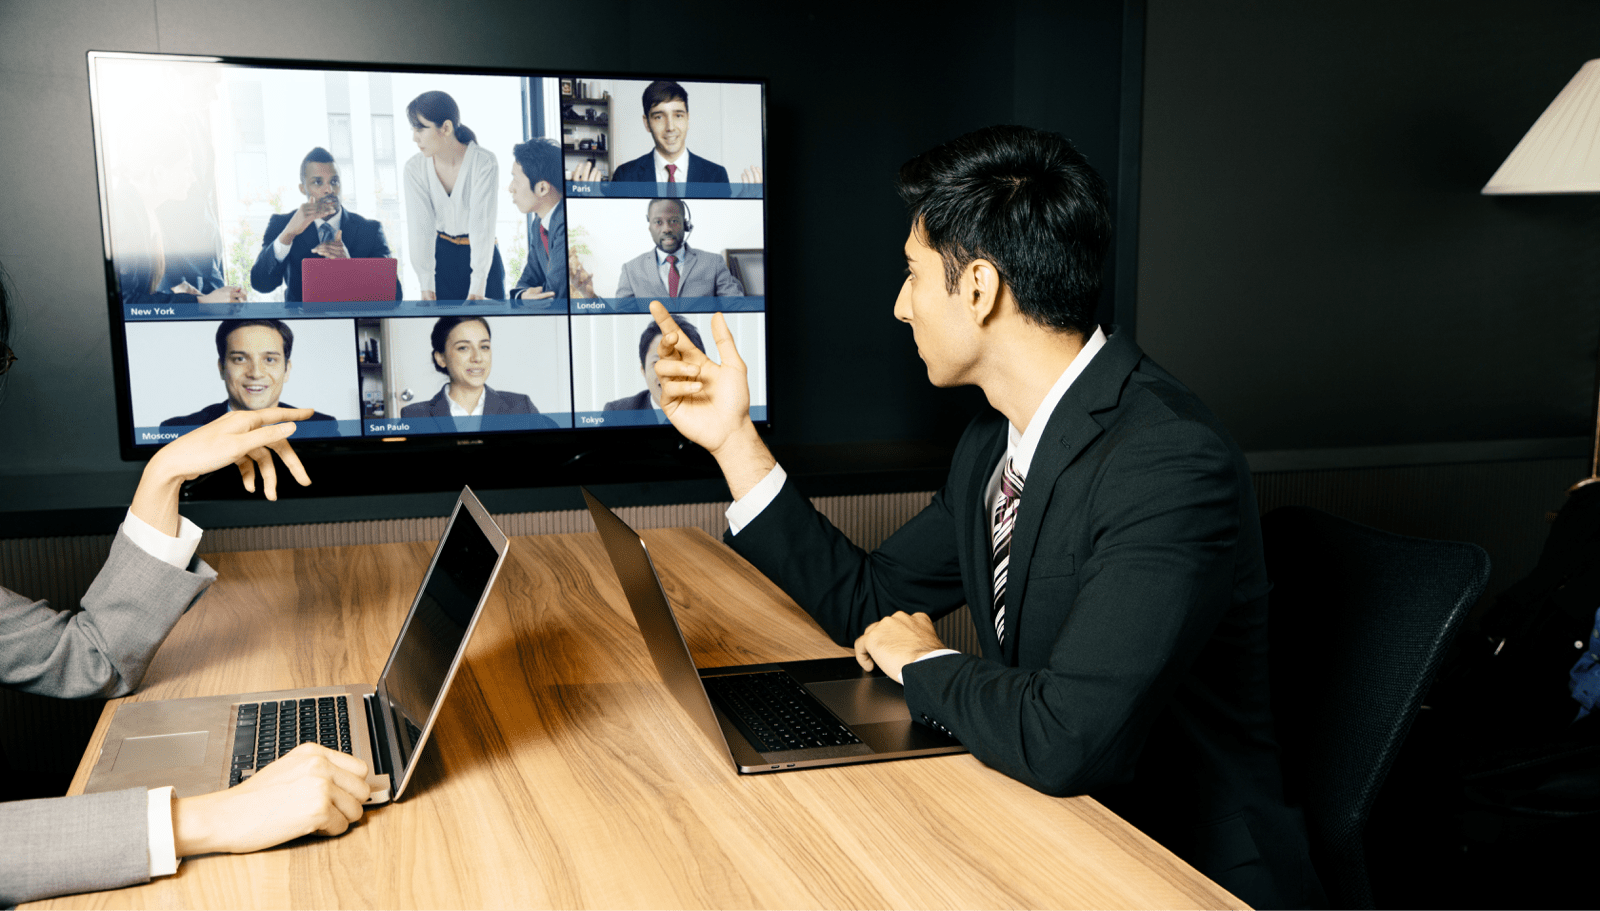 会議室でテレビ会議をする複数のビジネスマン